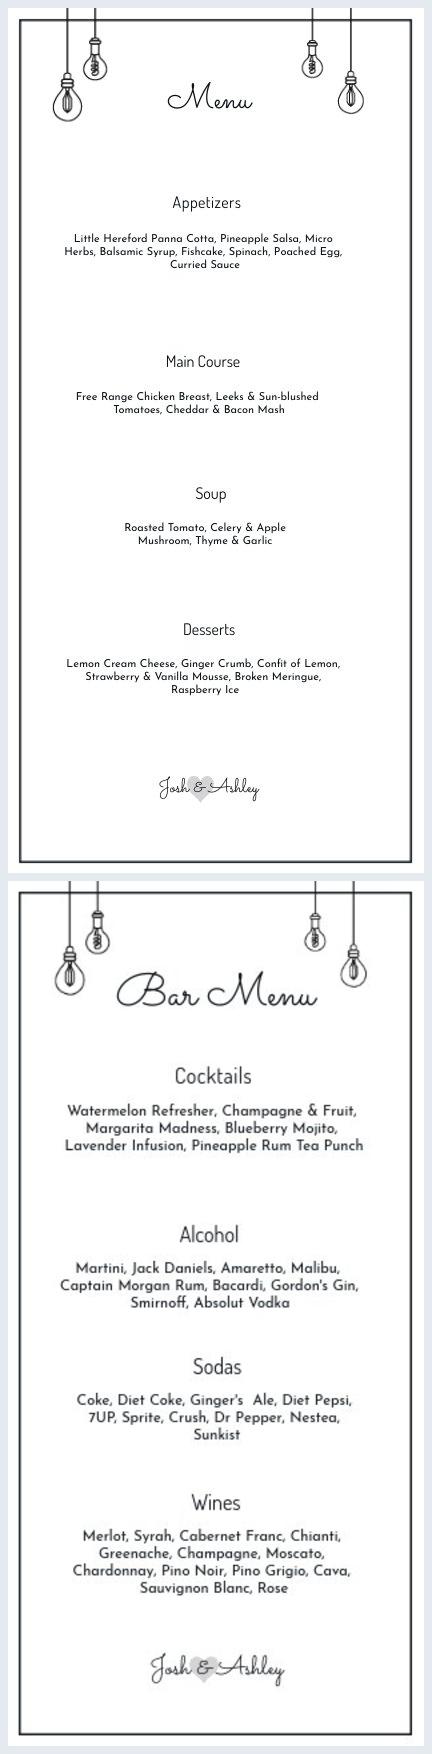 Afdrukbare restaurantmenukaart Sjabloon